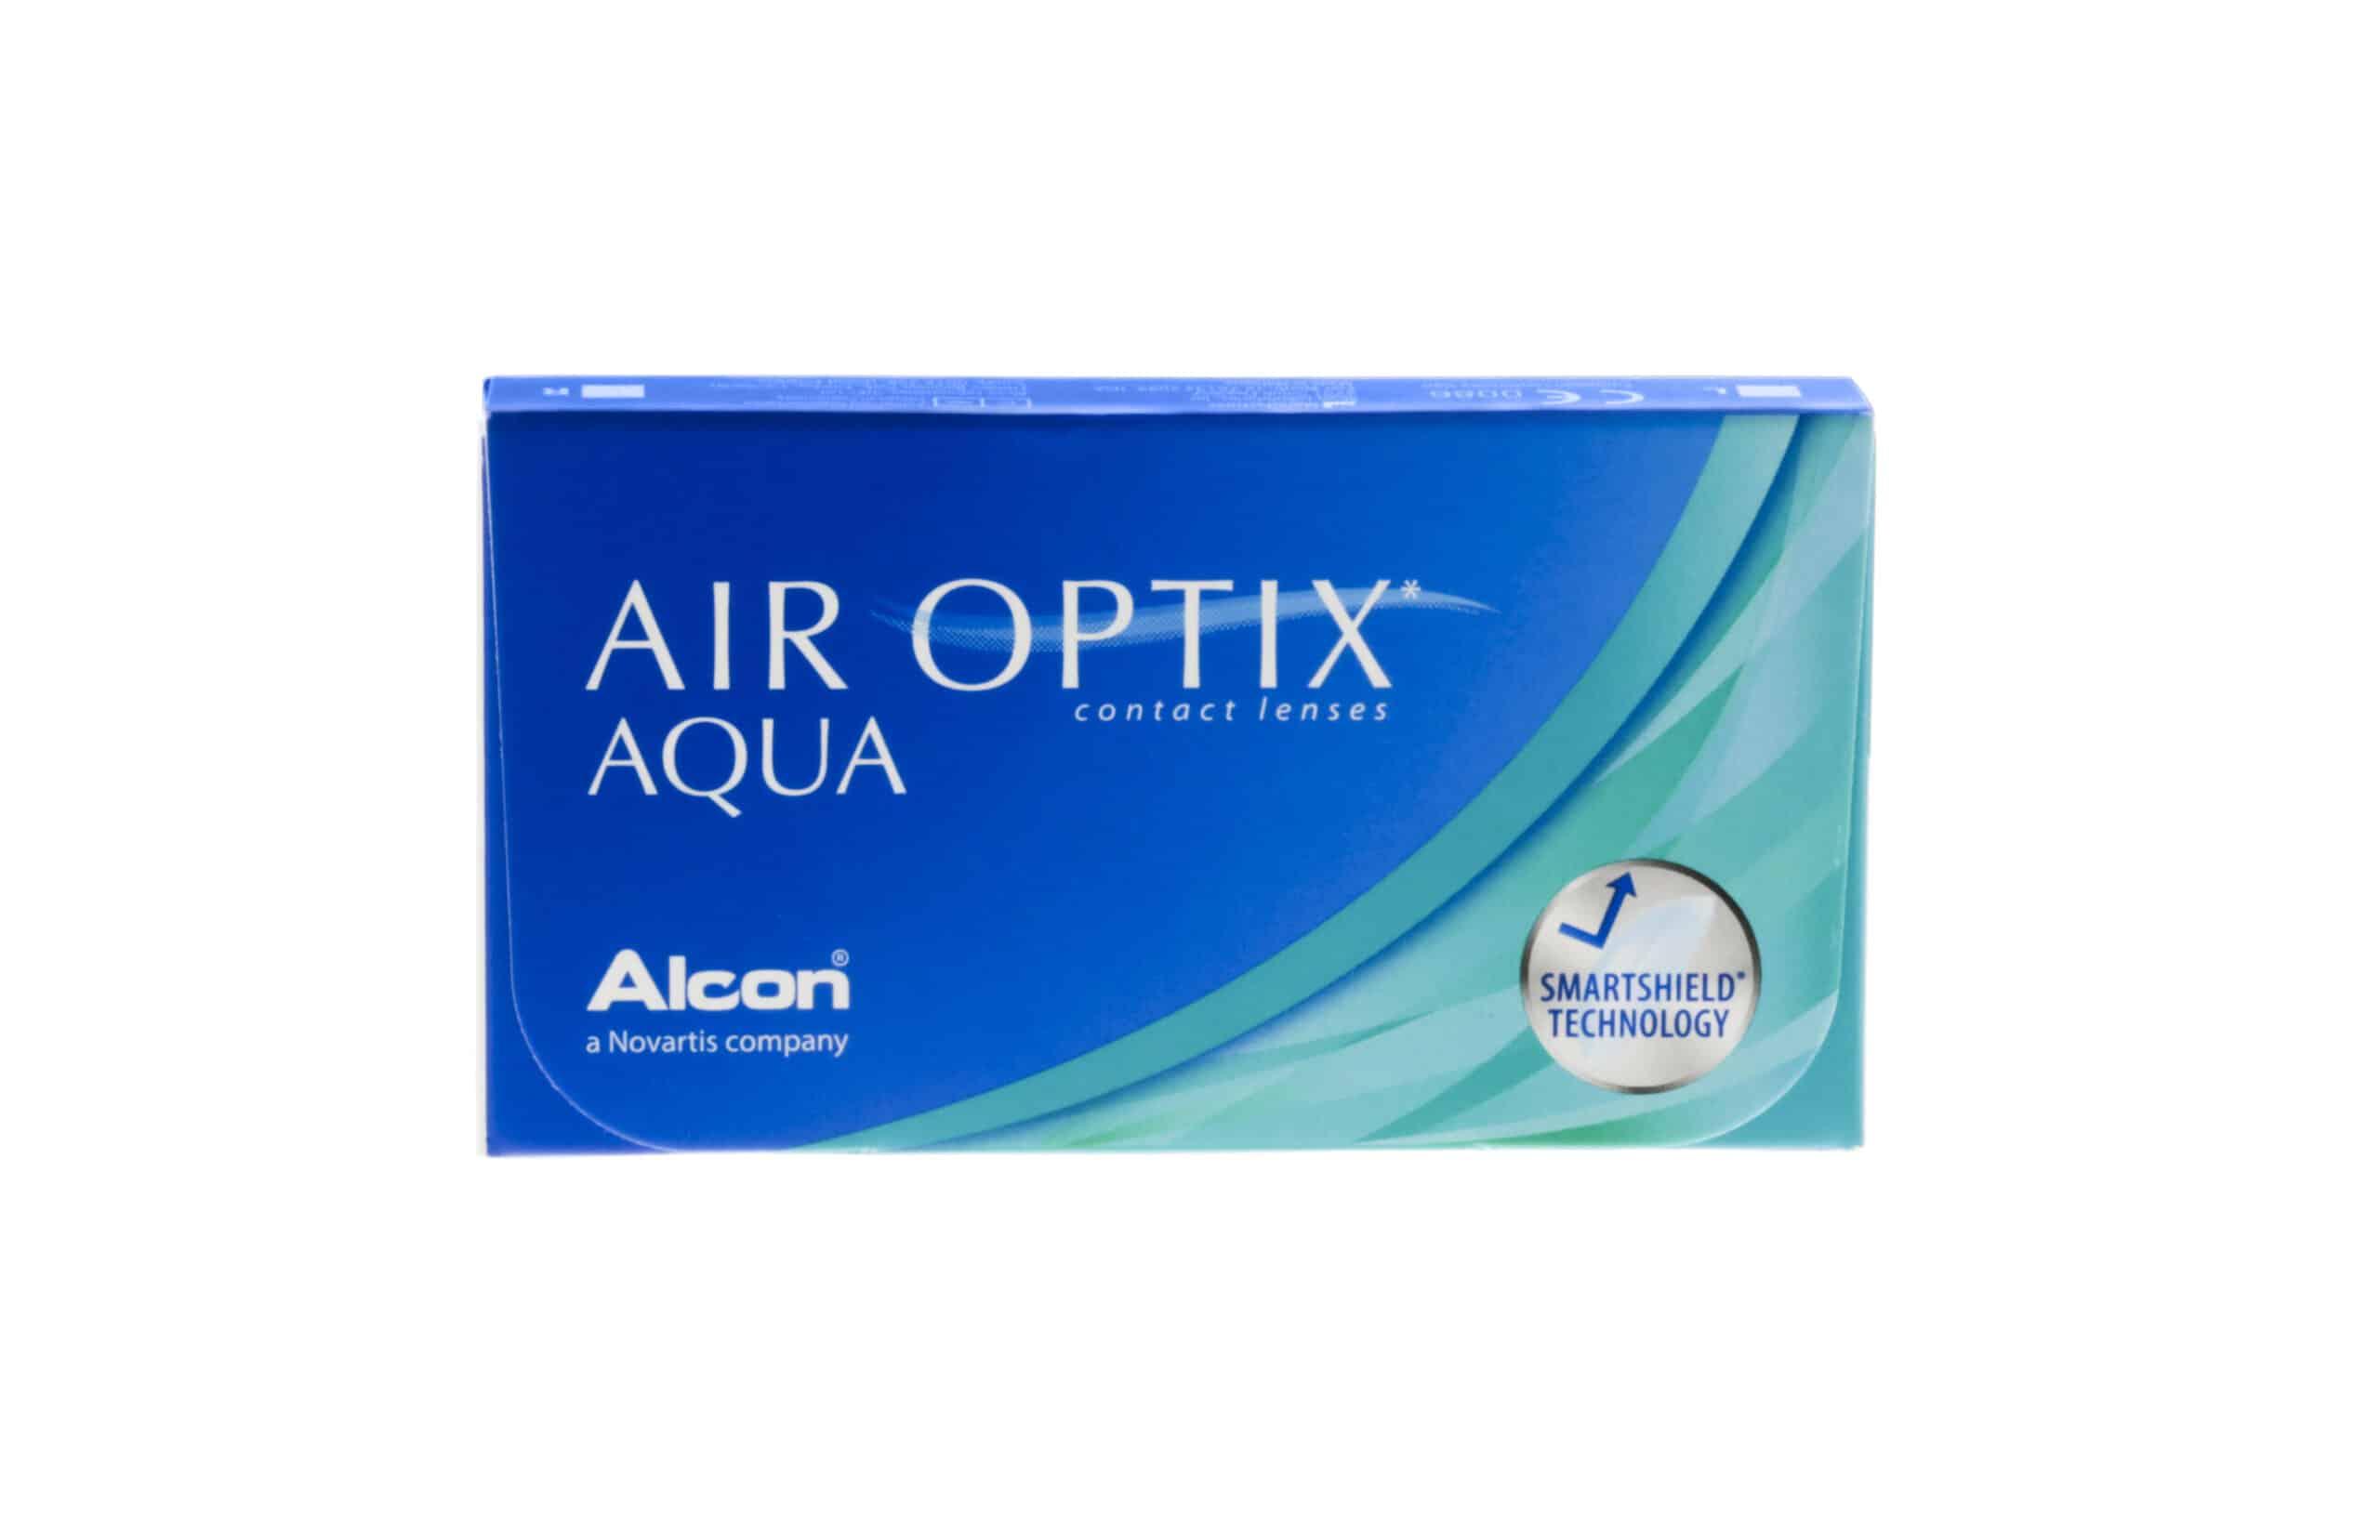 Alcon-Air-Optix-Aqua-scaled